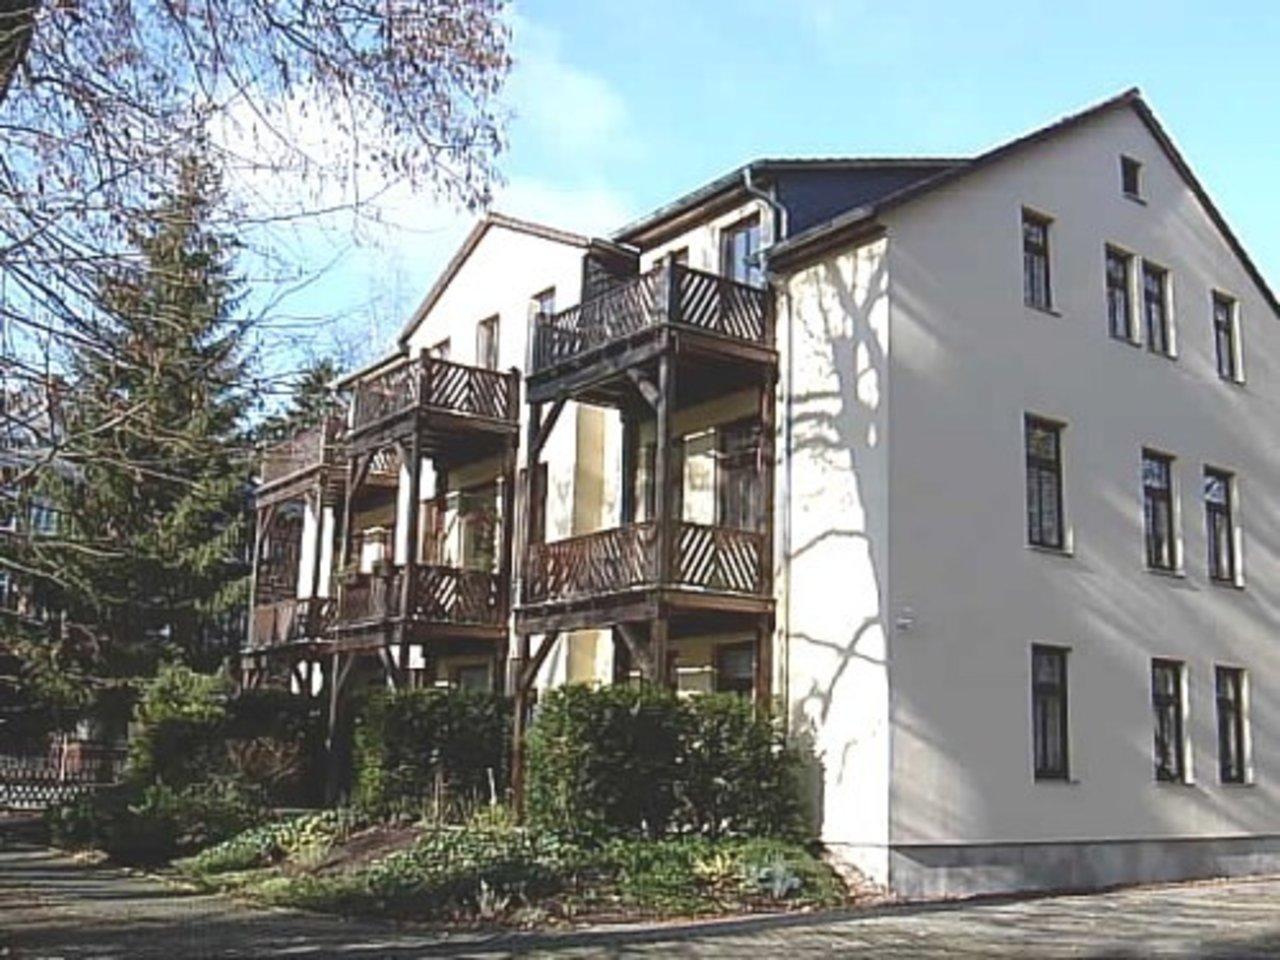 Attraktive, sonnige 2-Zimmerwohnung in bester Lage von Arnstadt-Hausansicht